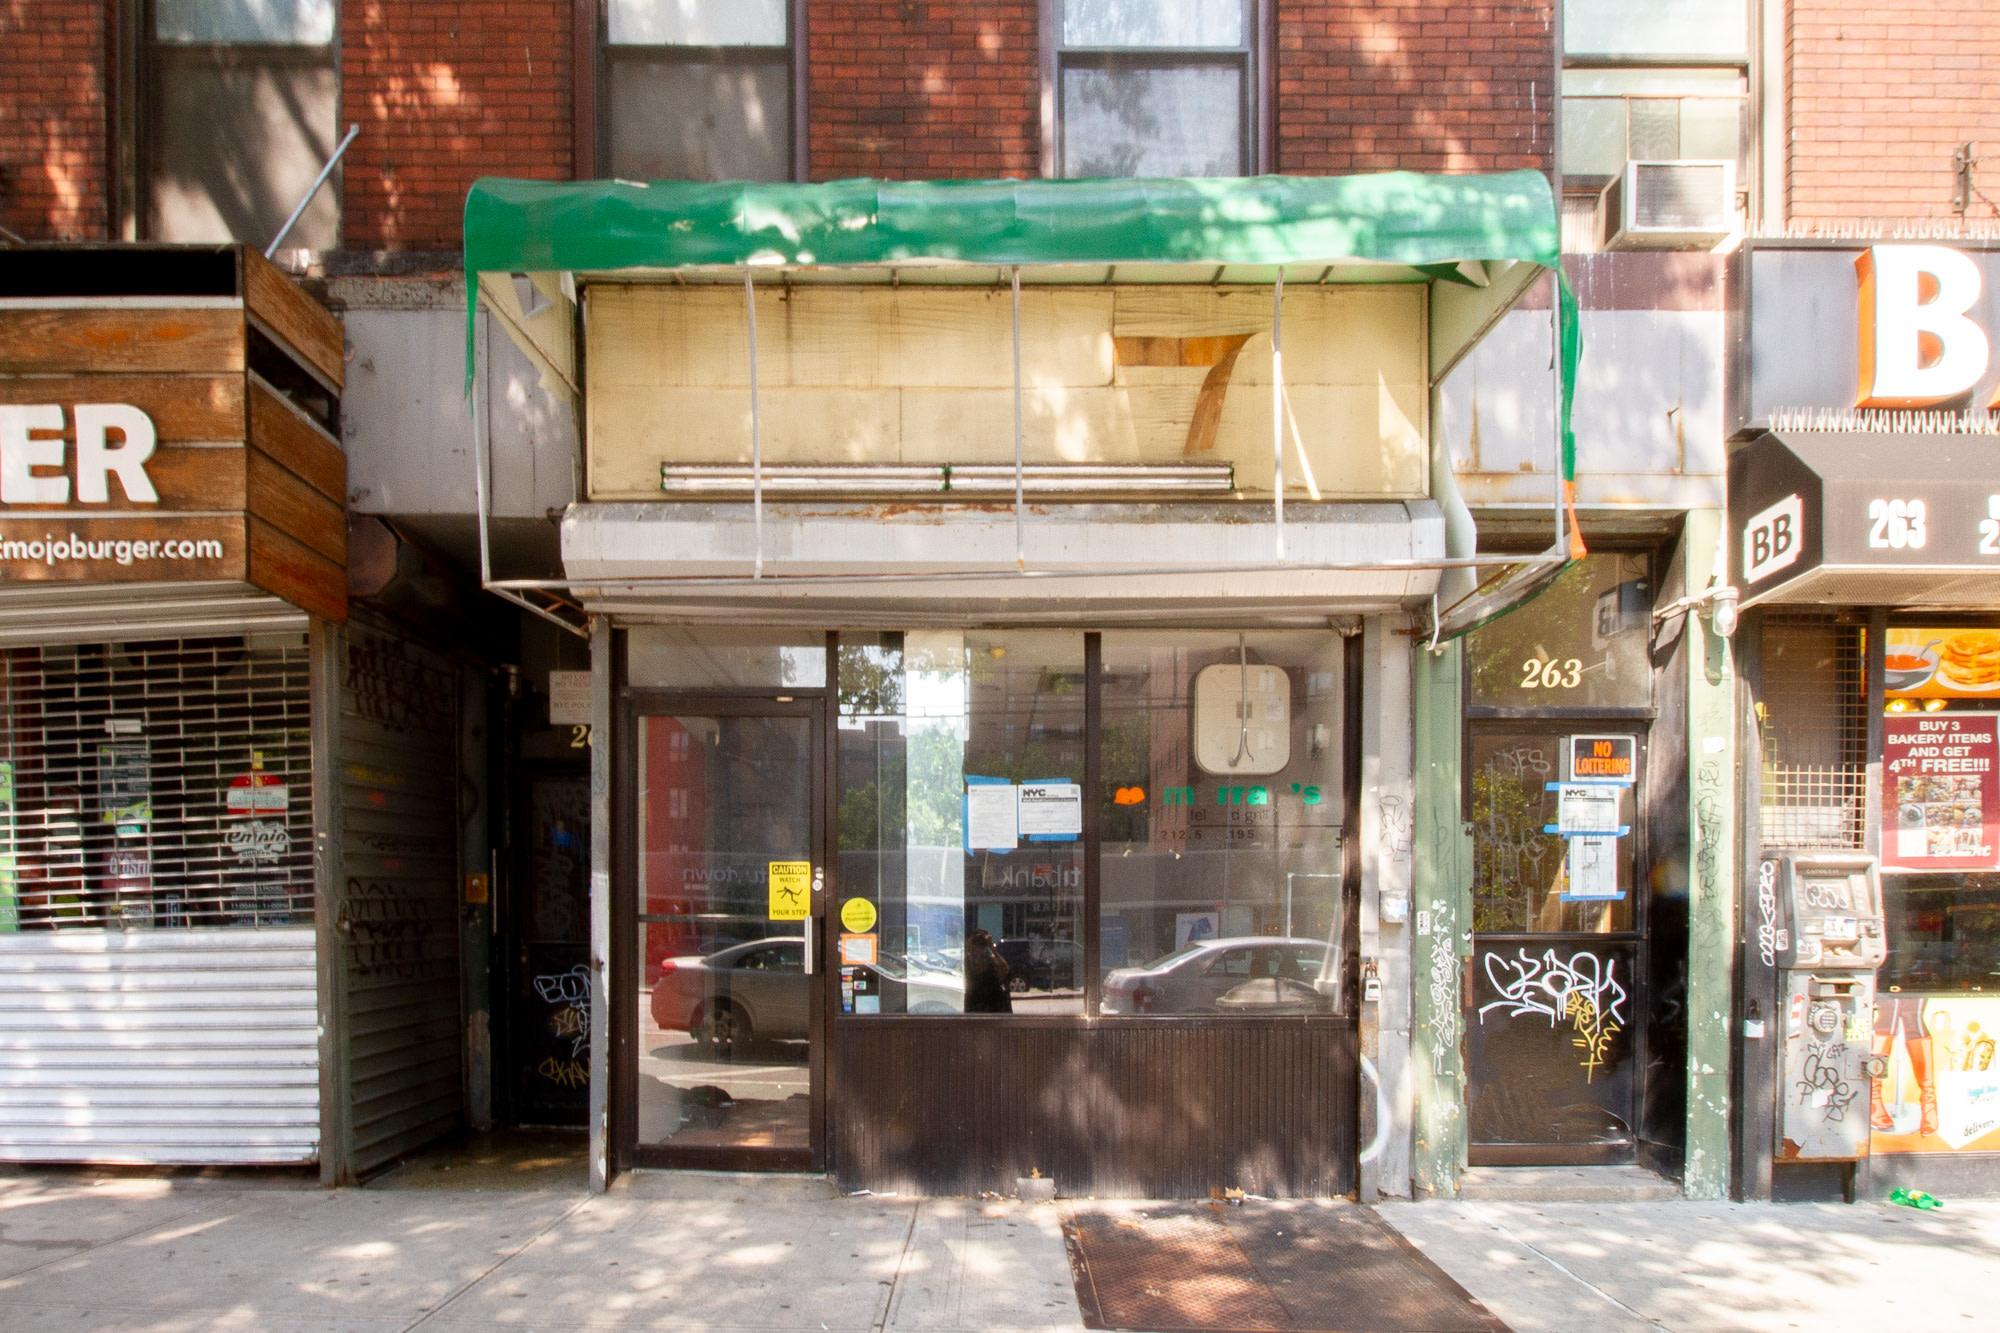 261 1st Avenue - North Store